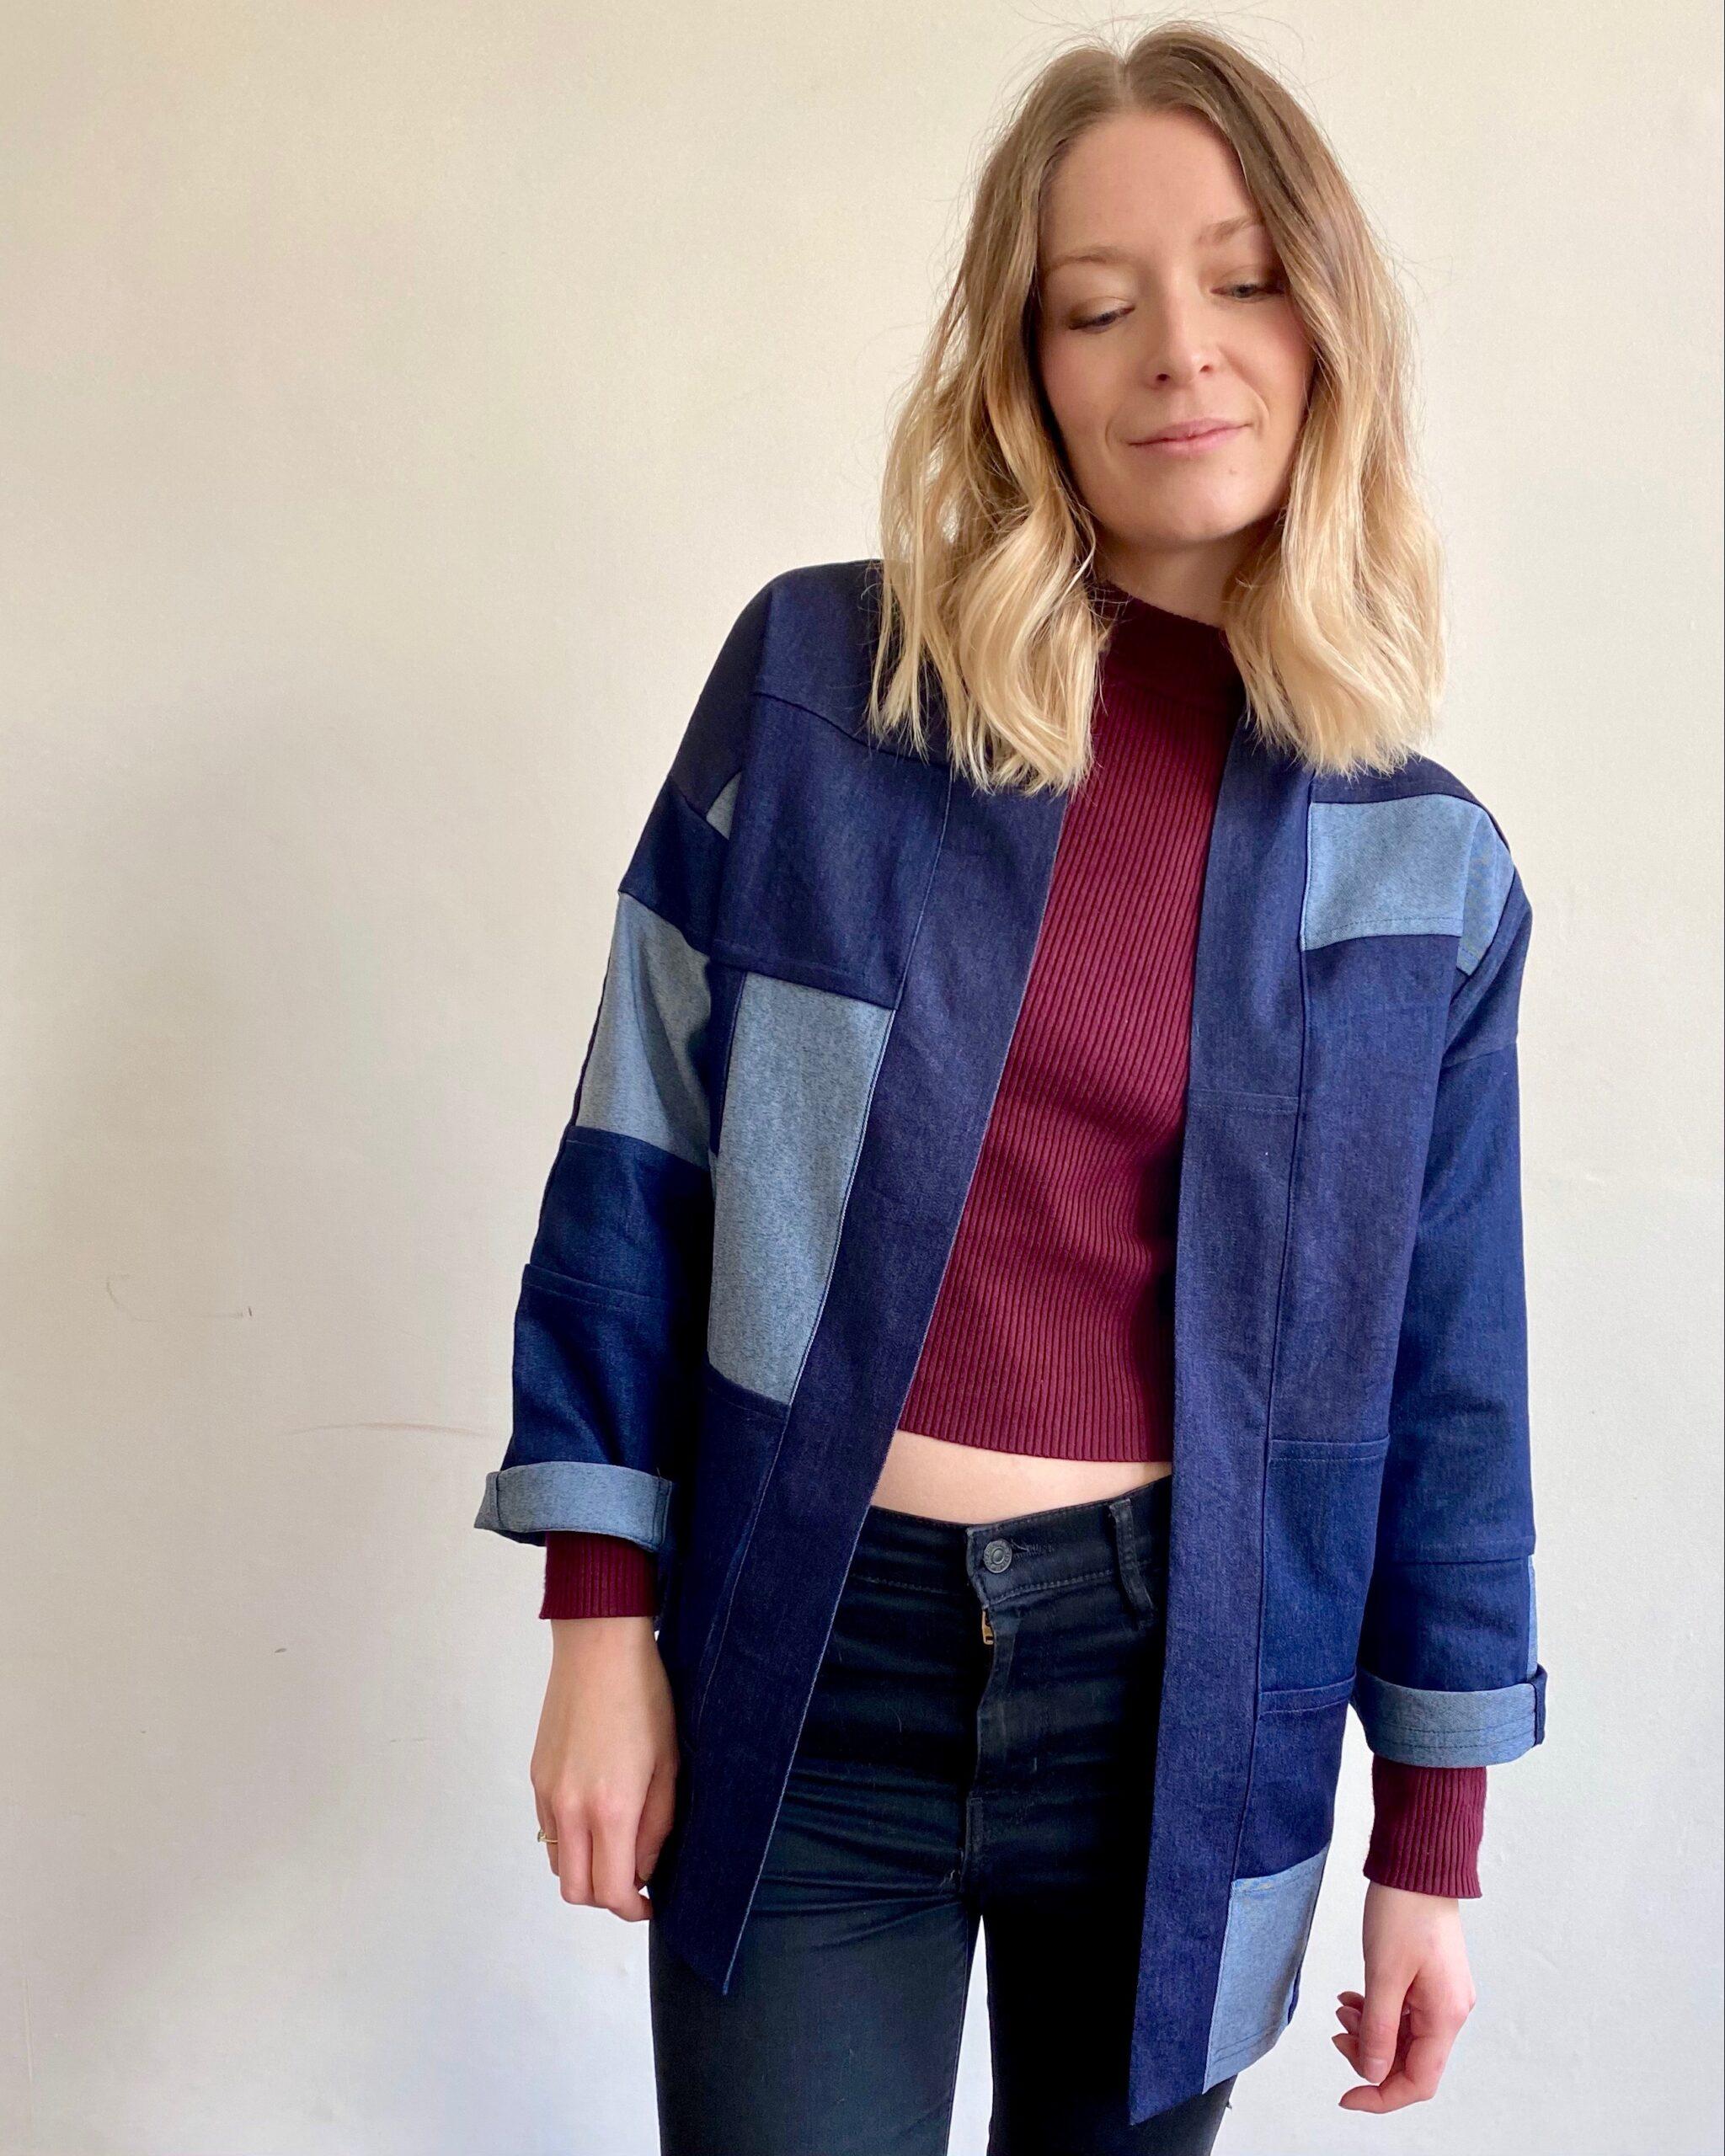 patchwork handmade denim jacket in organic cotton